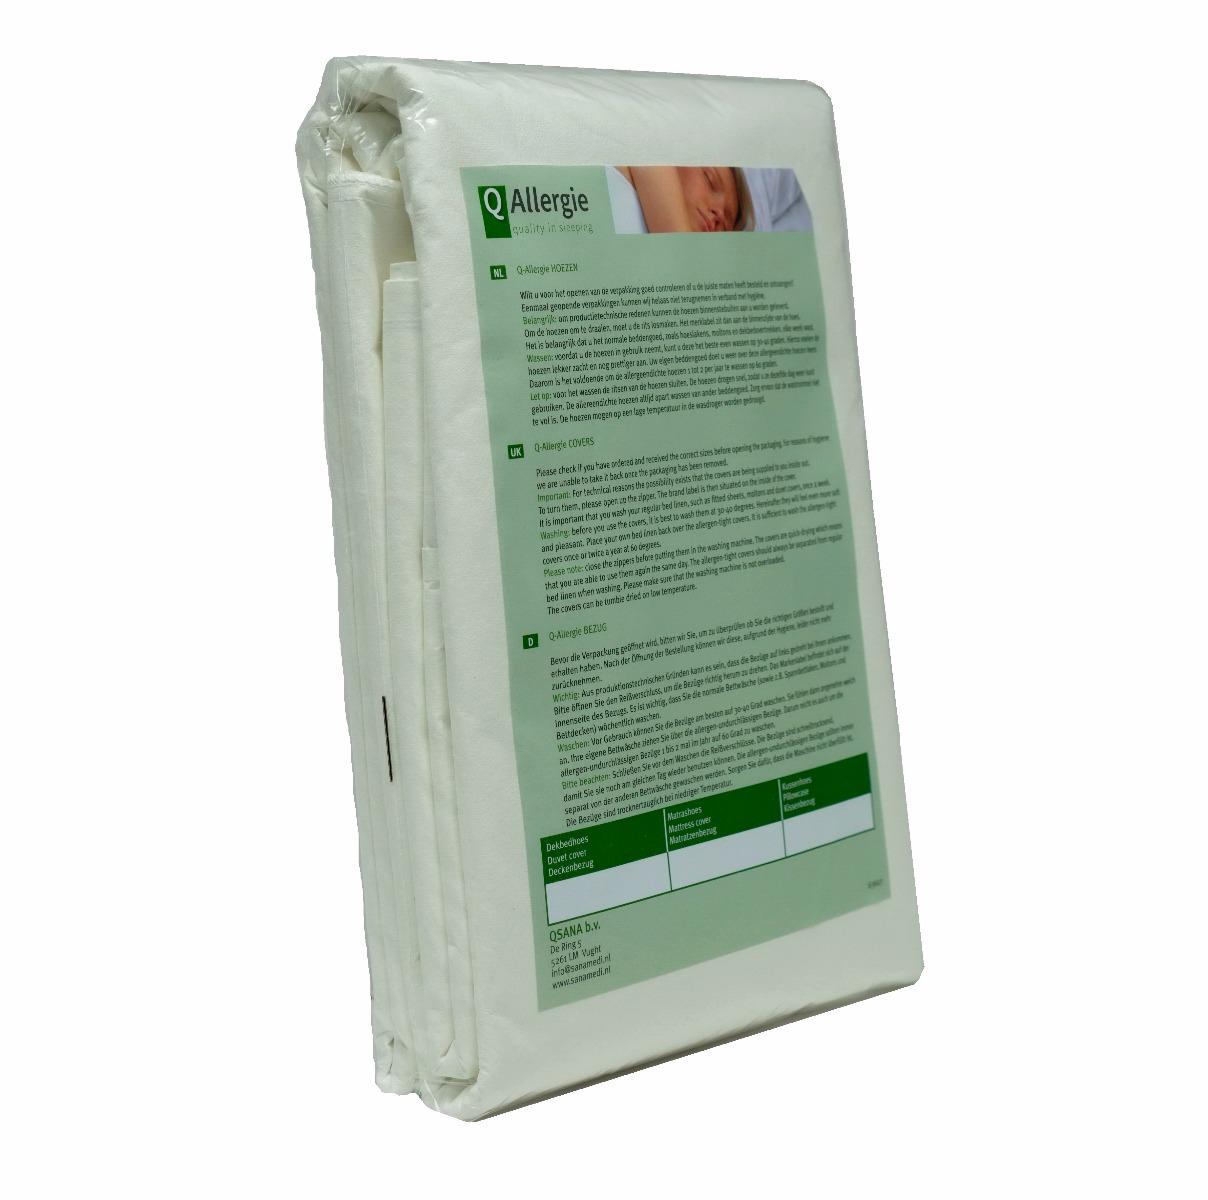 Dekbedhoes Q-Allergie 2-Persoons 200 x 200 cm   Anti allergie dekbedhoes